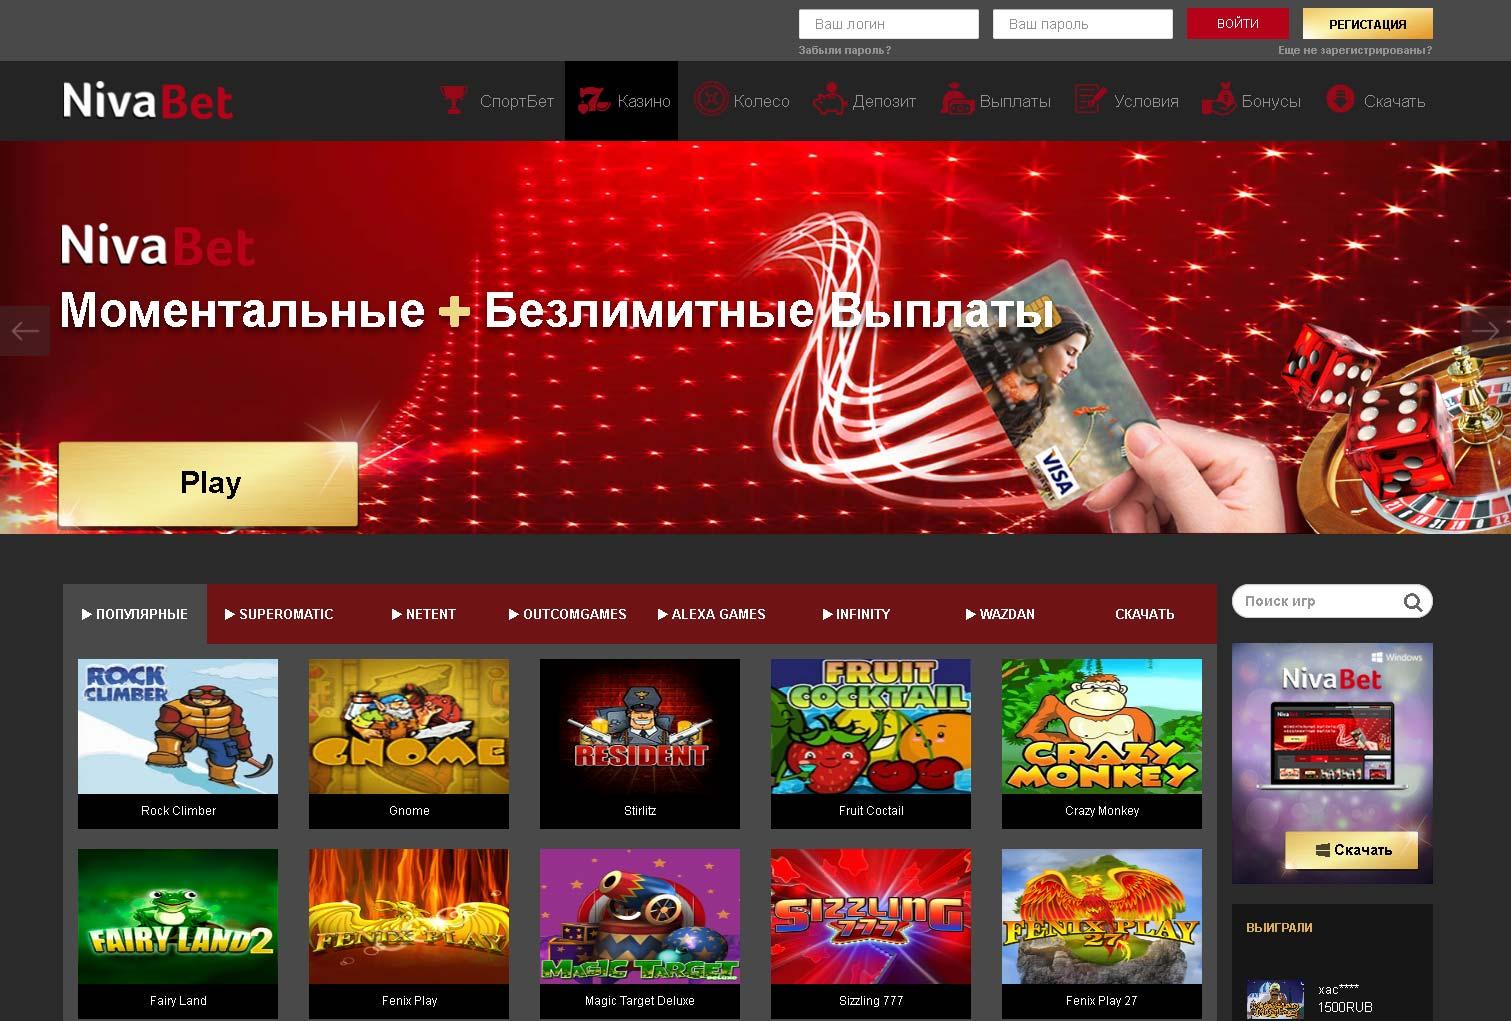 спортбет интернет казино